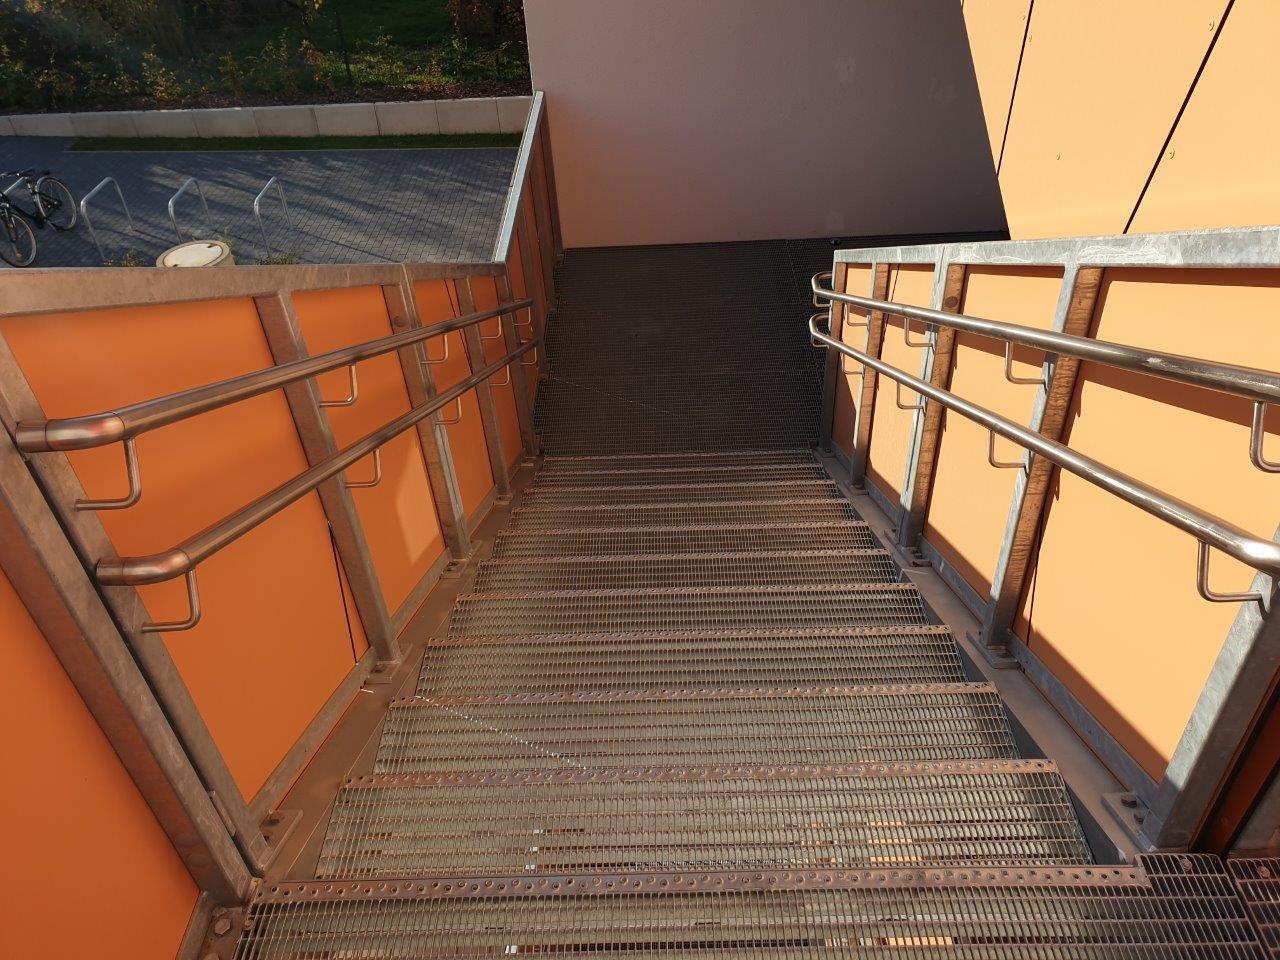 Geländer mit Handlauf der Außentreppe, Zwischenpodest